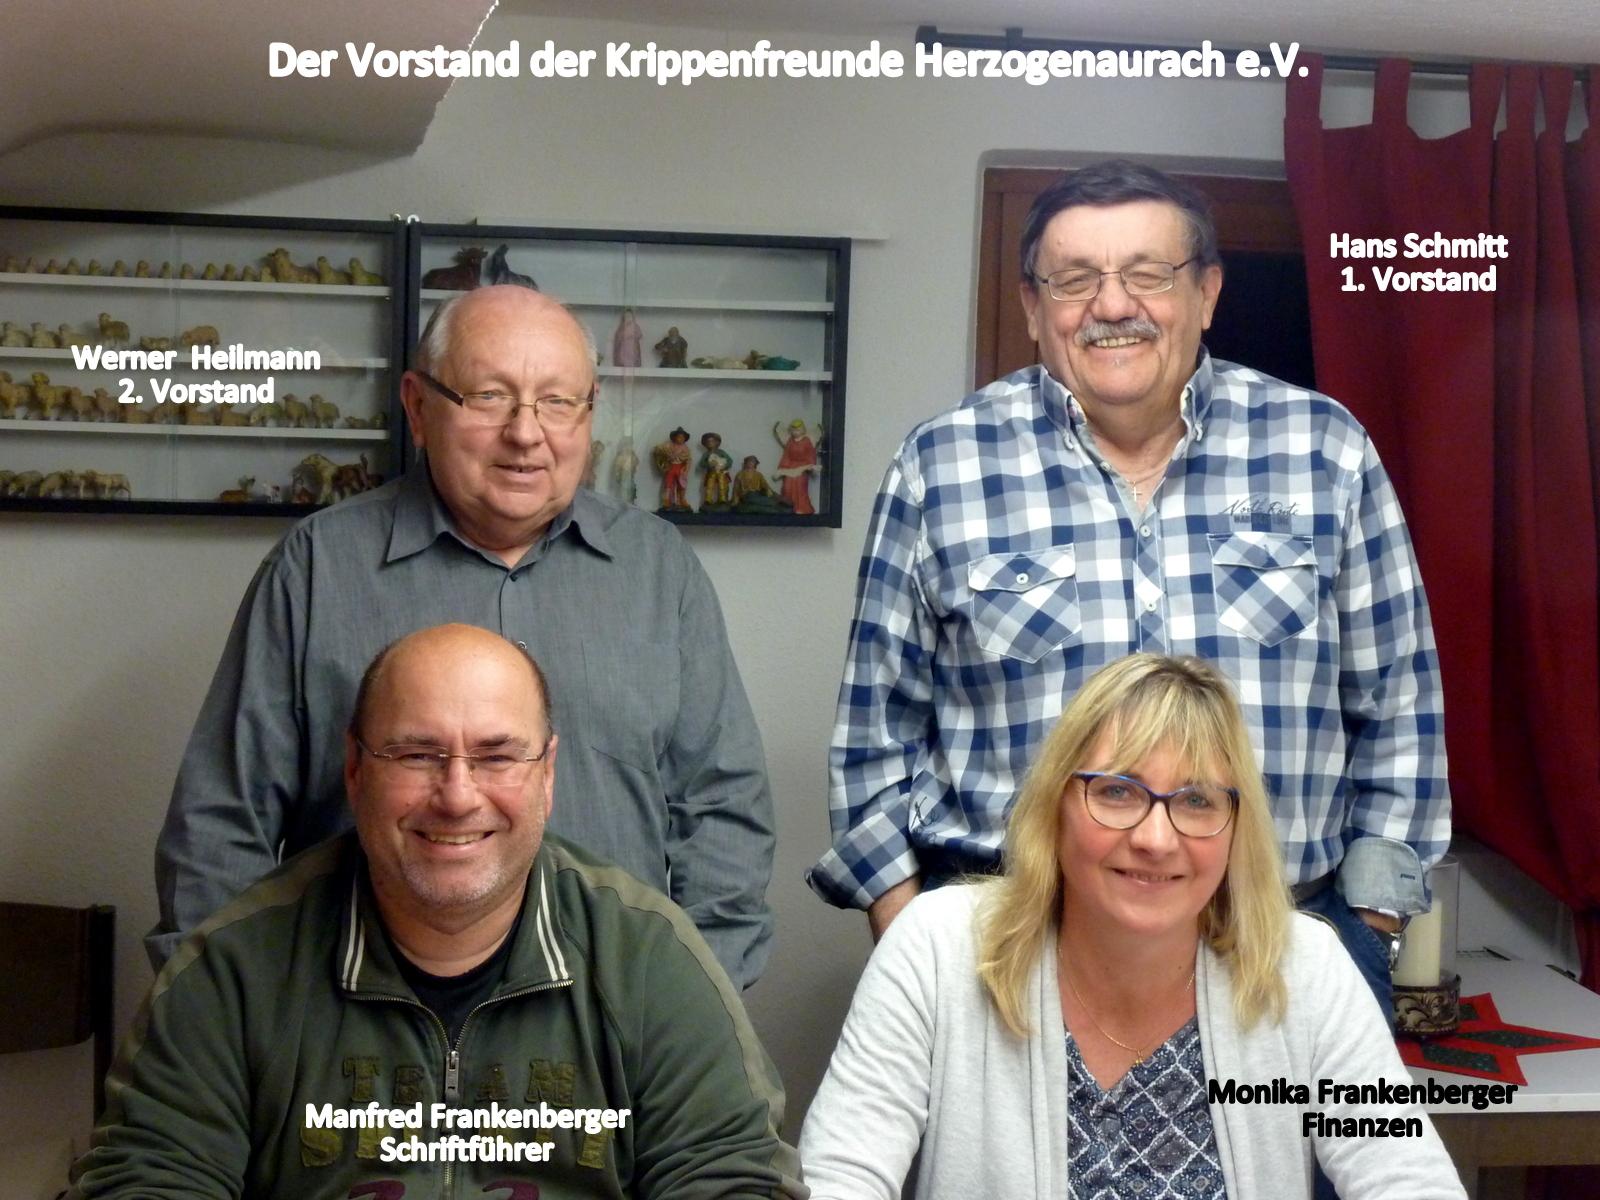 Hans Schmitt ist neuer Vorstand